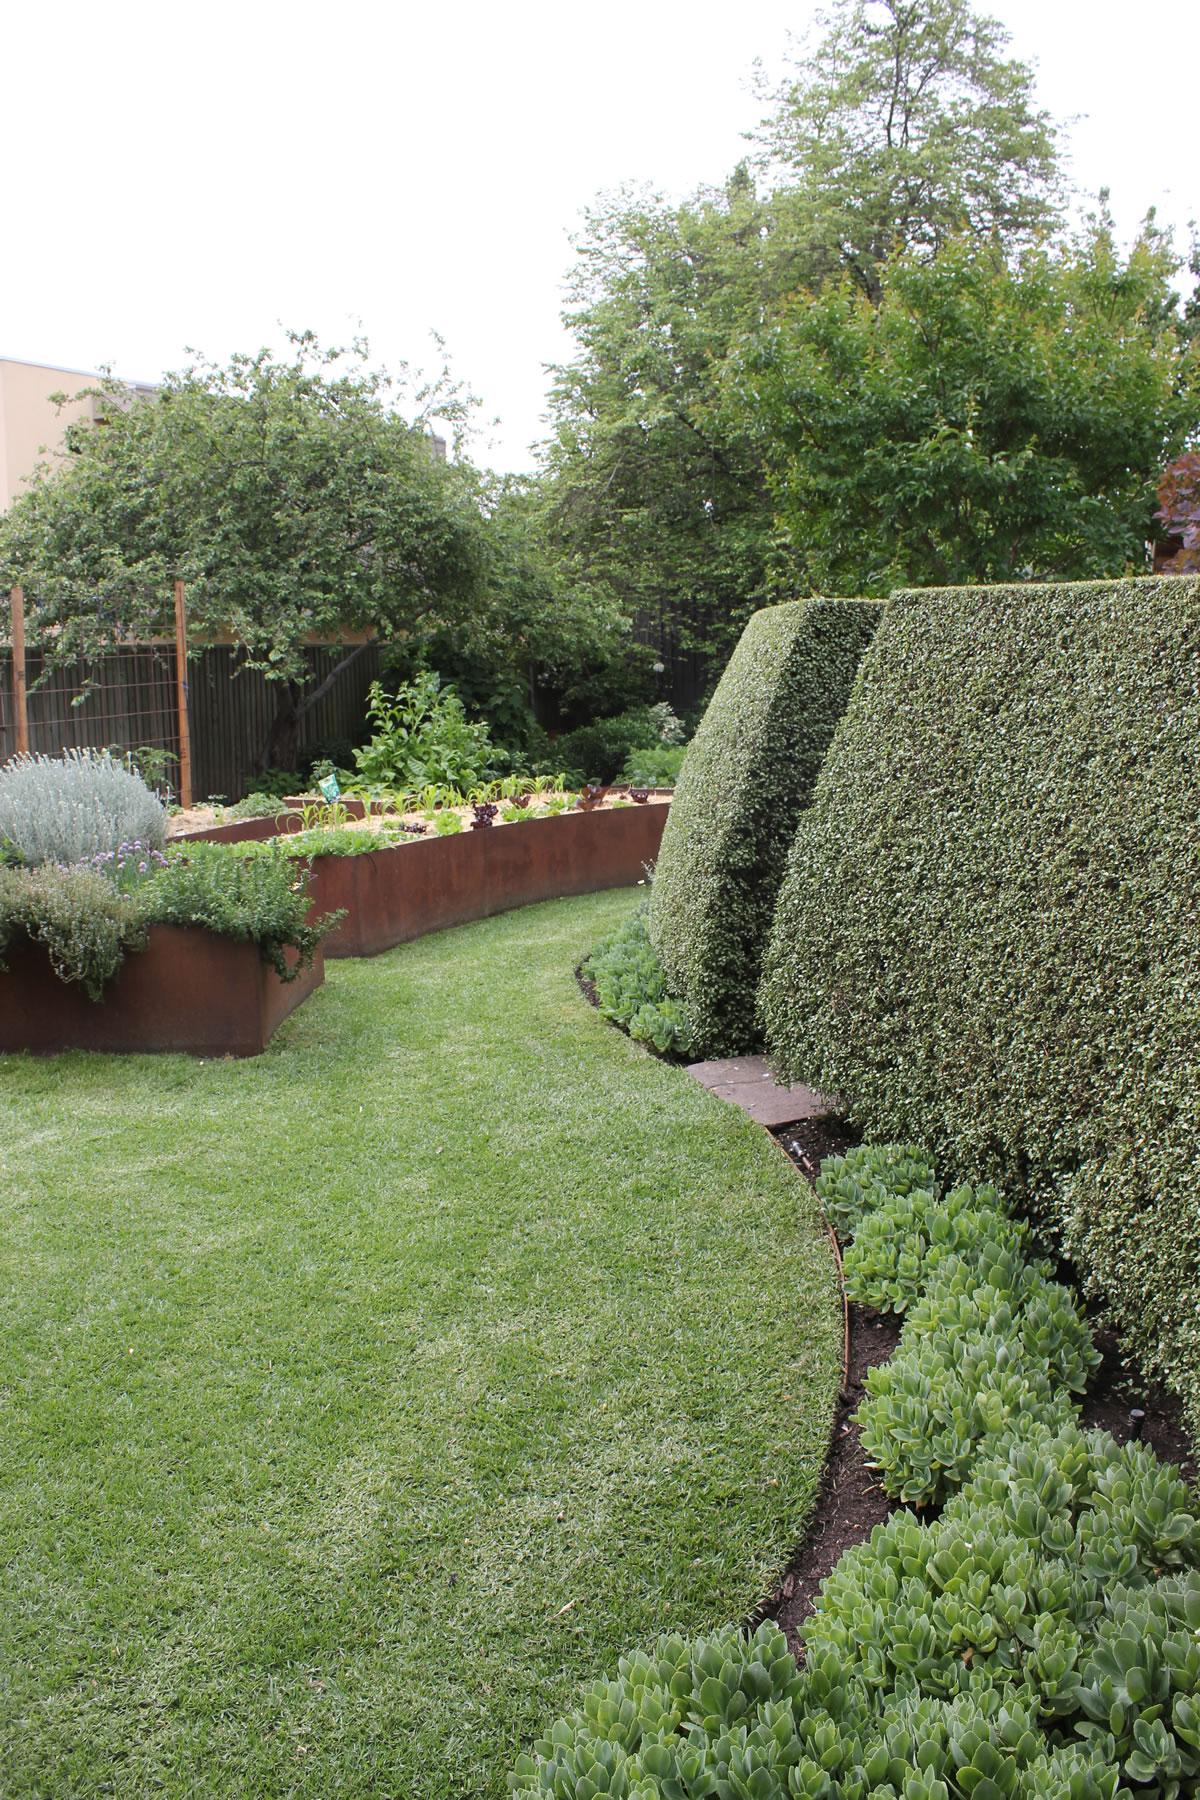 f04ae-hedgehedge.jpg